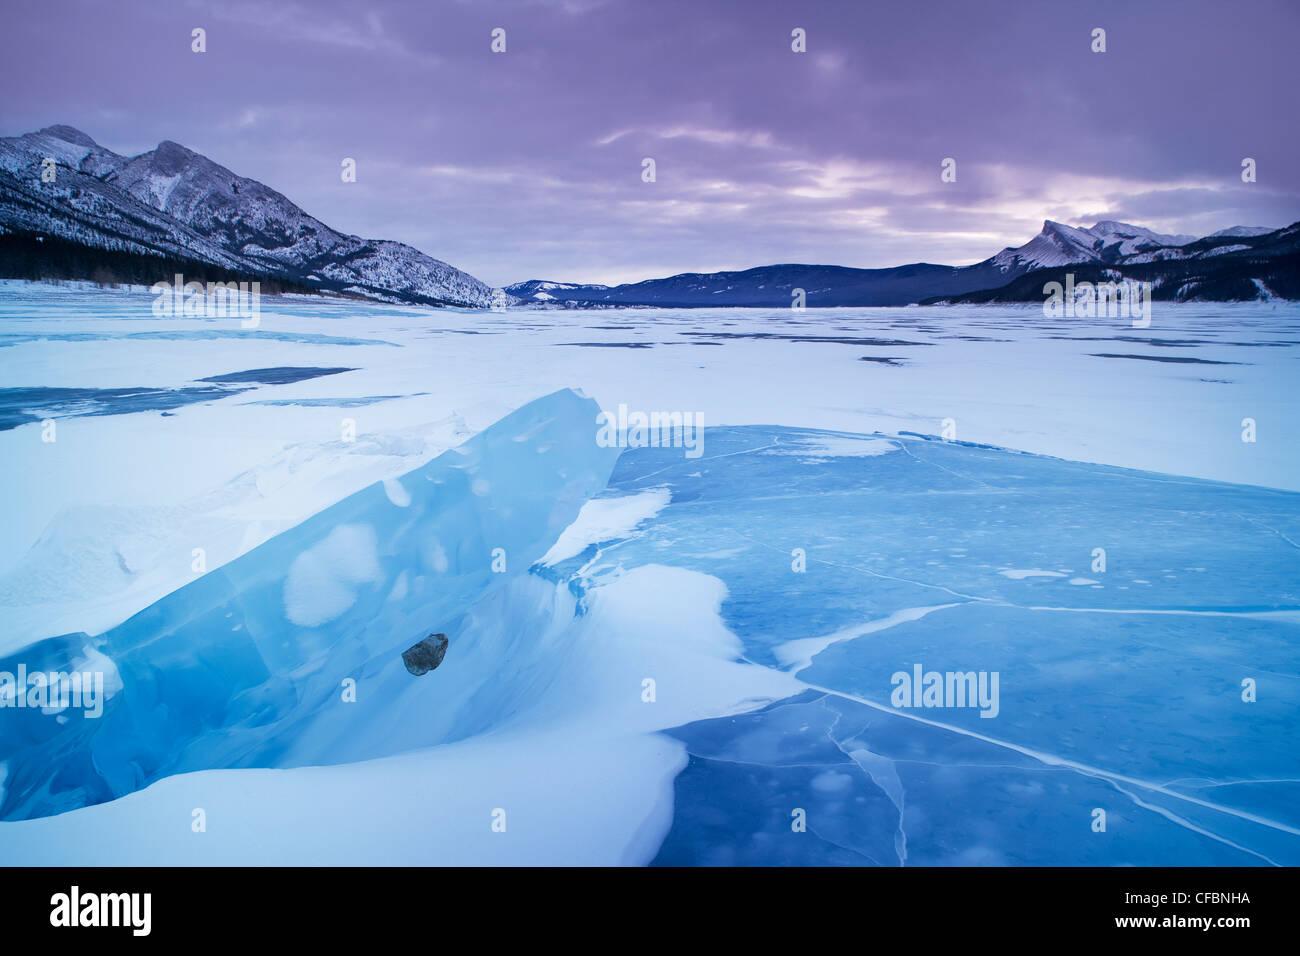 En hiver, le lac Abraham plaines Kootenay, le mouflon d'incendies, Alberta, Canada Photo Stock